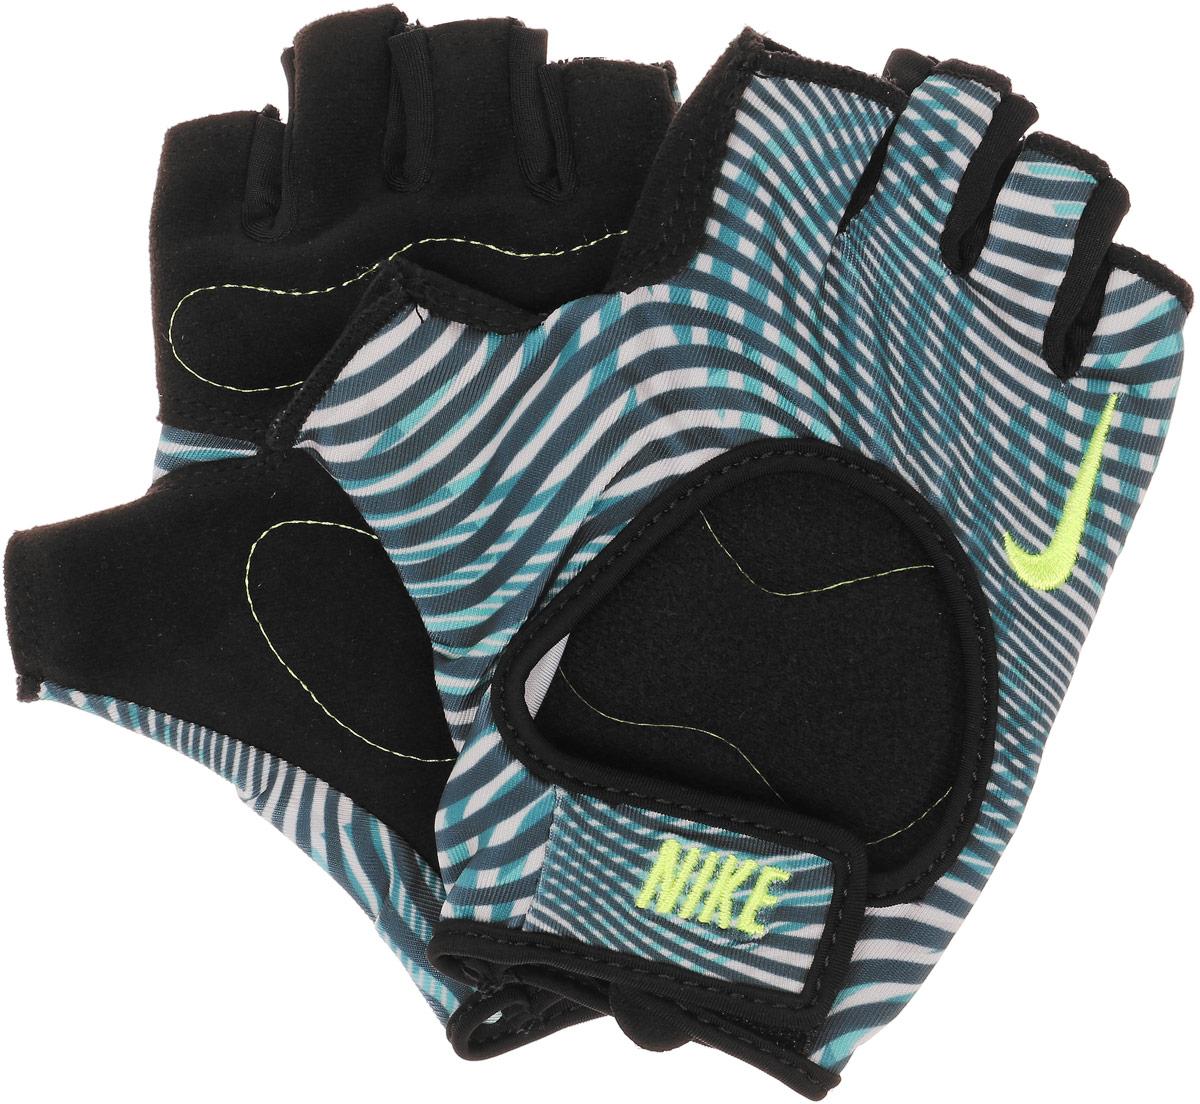 Перчатки для фитнеса женские Nike, цвет: серый, желтый. Размер S - Одежда, экипировка